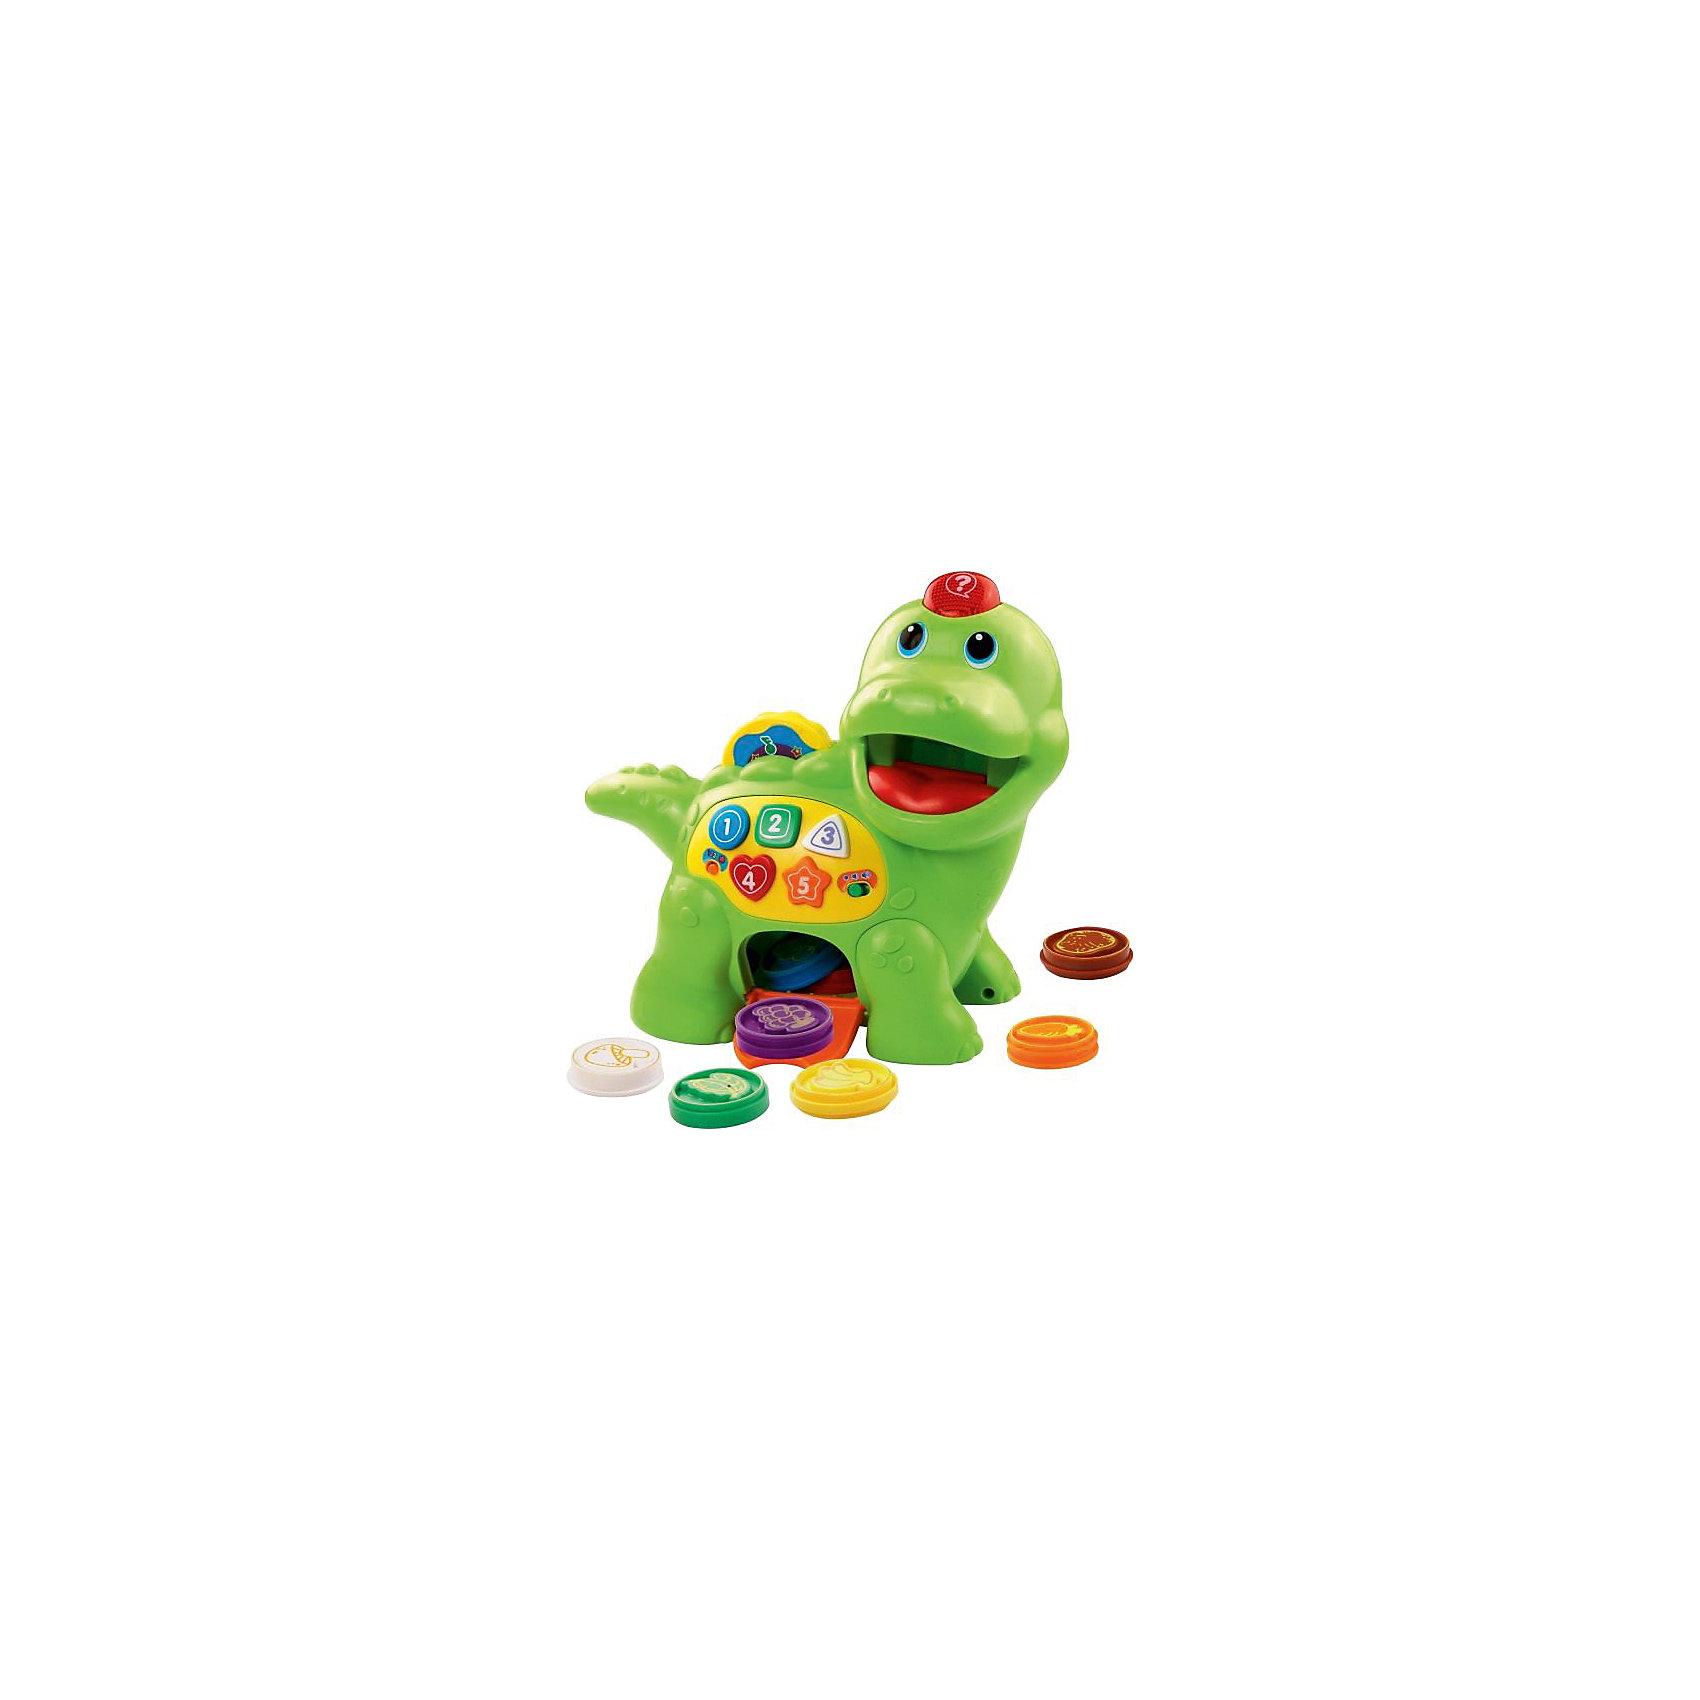 Динозаврик Покорми меня, VtechИнтерактивные игрушки для малышей<br>Характеристики:<br><br>• Материал: пластик <br>• Комплектация: динозаврик, 8 фишек<br>• Количество мелодий и звуков: &gt; 130<br>• Игрушка выполняет различные движения<br>• 2 режима игры<br>• Световые эффекты<br>• Батарейки: 2 шт. типа АА (предусмотрены в комплекте)<br>• Размер динозаврика (длина): 29 см<br>• Размер упаковки (Д*Ш*В): 30*14*25 см<br>• Вес: 1 кг 060 г<br>• Подарочная упаковка<br>• Особенности ухода: допускается сухая и влажная чистка<br><br>Динозаврик Покорми меня, Vtech – это многофункциональная интерактивная игрушка от французского производителя, который является мировым лидером по выпуску электронных обучающих устройств и игрушек. Игрушка выполнена в виде динозаврика, которого можно кормить. На боку у него имеется крышечка, через которую можно достать фишки. Во время кормления динозаврик рассказывает о том продукте, который был изображен на проглоченной фишке. На спинке у него предусмотрены кнопочки, которые запускают разные режимы игры. В памяти устройства записаны более ста тридцати стишков, песенок и звуков. <br><br>ДинозаврикаПокорми меня, Vtech можно купить в нашем интернет-магазине.<br><br>Ширина мм: 300<br>Глубина мм: 279<br>Высота мм: 133<br>Вес г: 1550<br>Возраст от месяцев: 12<br>Возраст до месяцев: 48<br>Пол: Унисекс<br>Возраст: Детский<br>SKU: 5471073